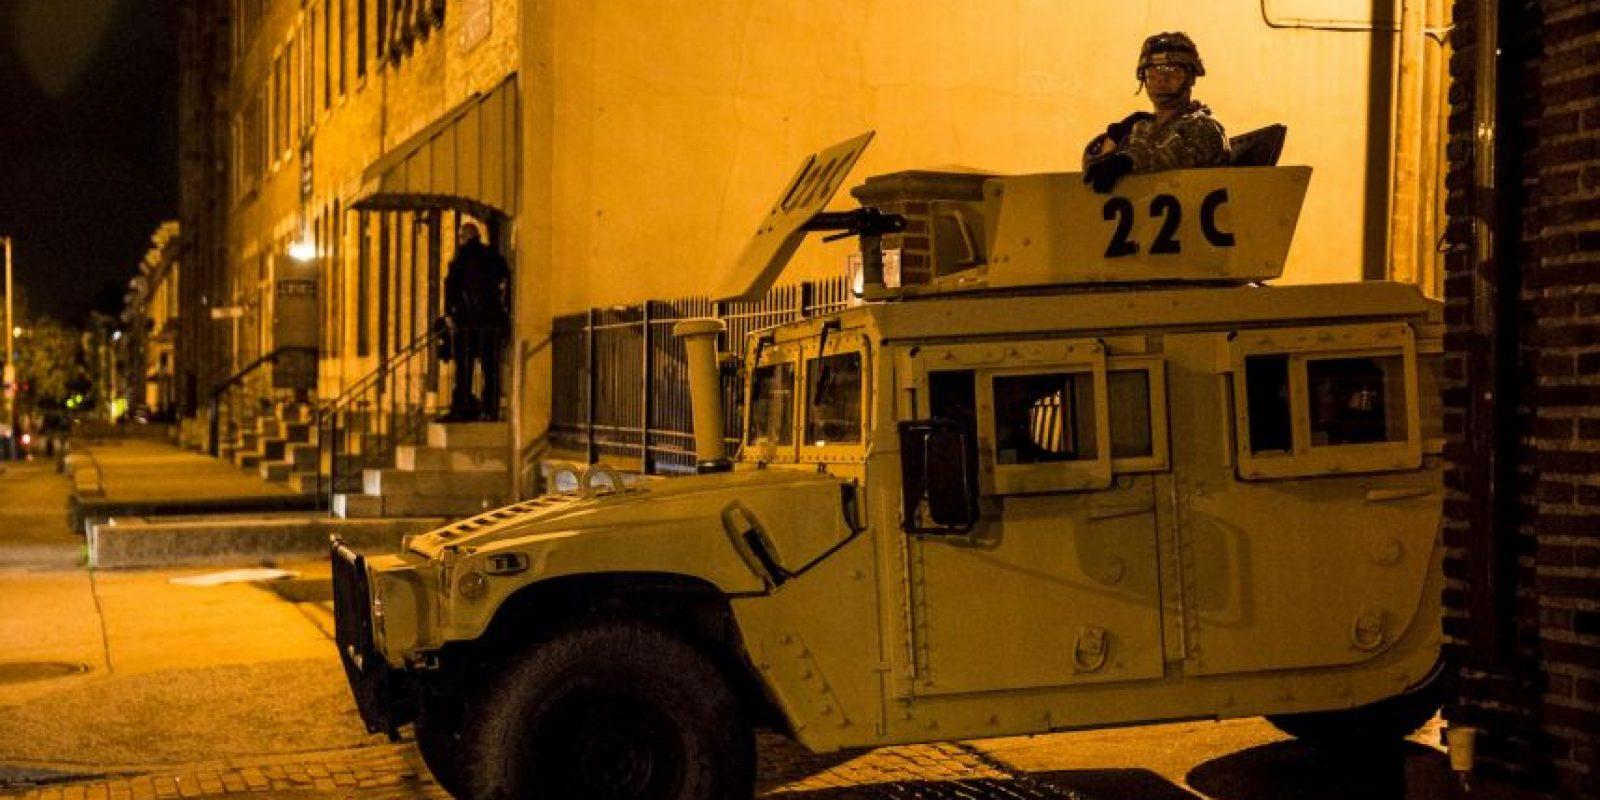 El contrato inicial fue de 6,901 vehículos, tanto para el Ejército y la Infantería de Marina. Foto:Getty Images